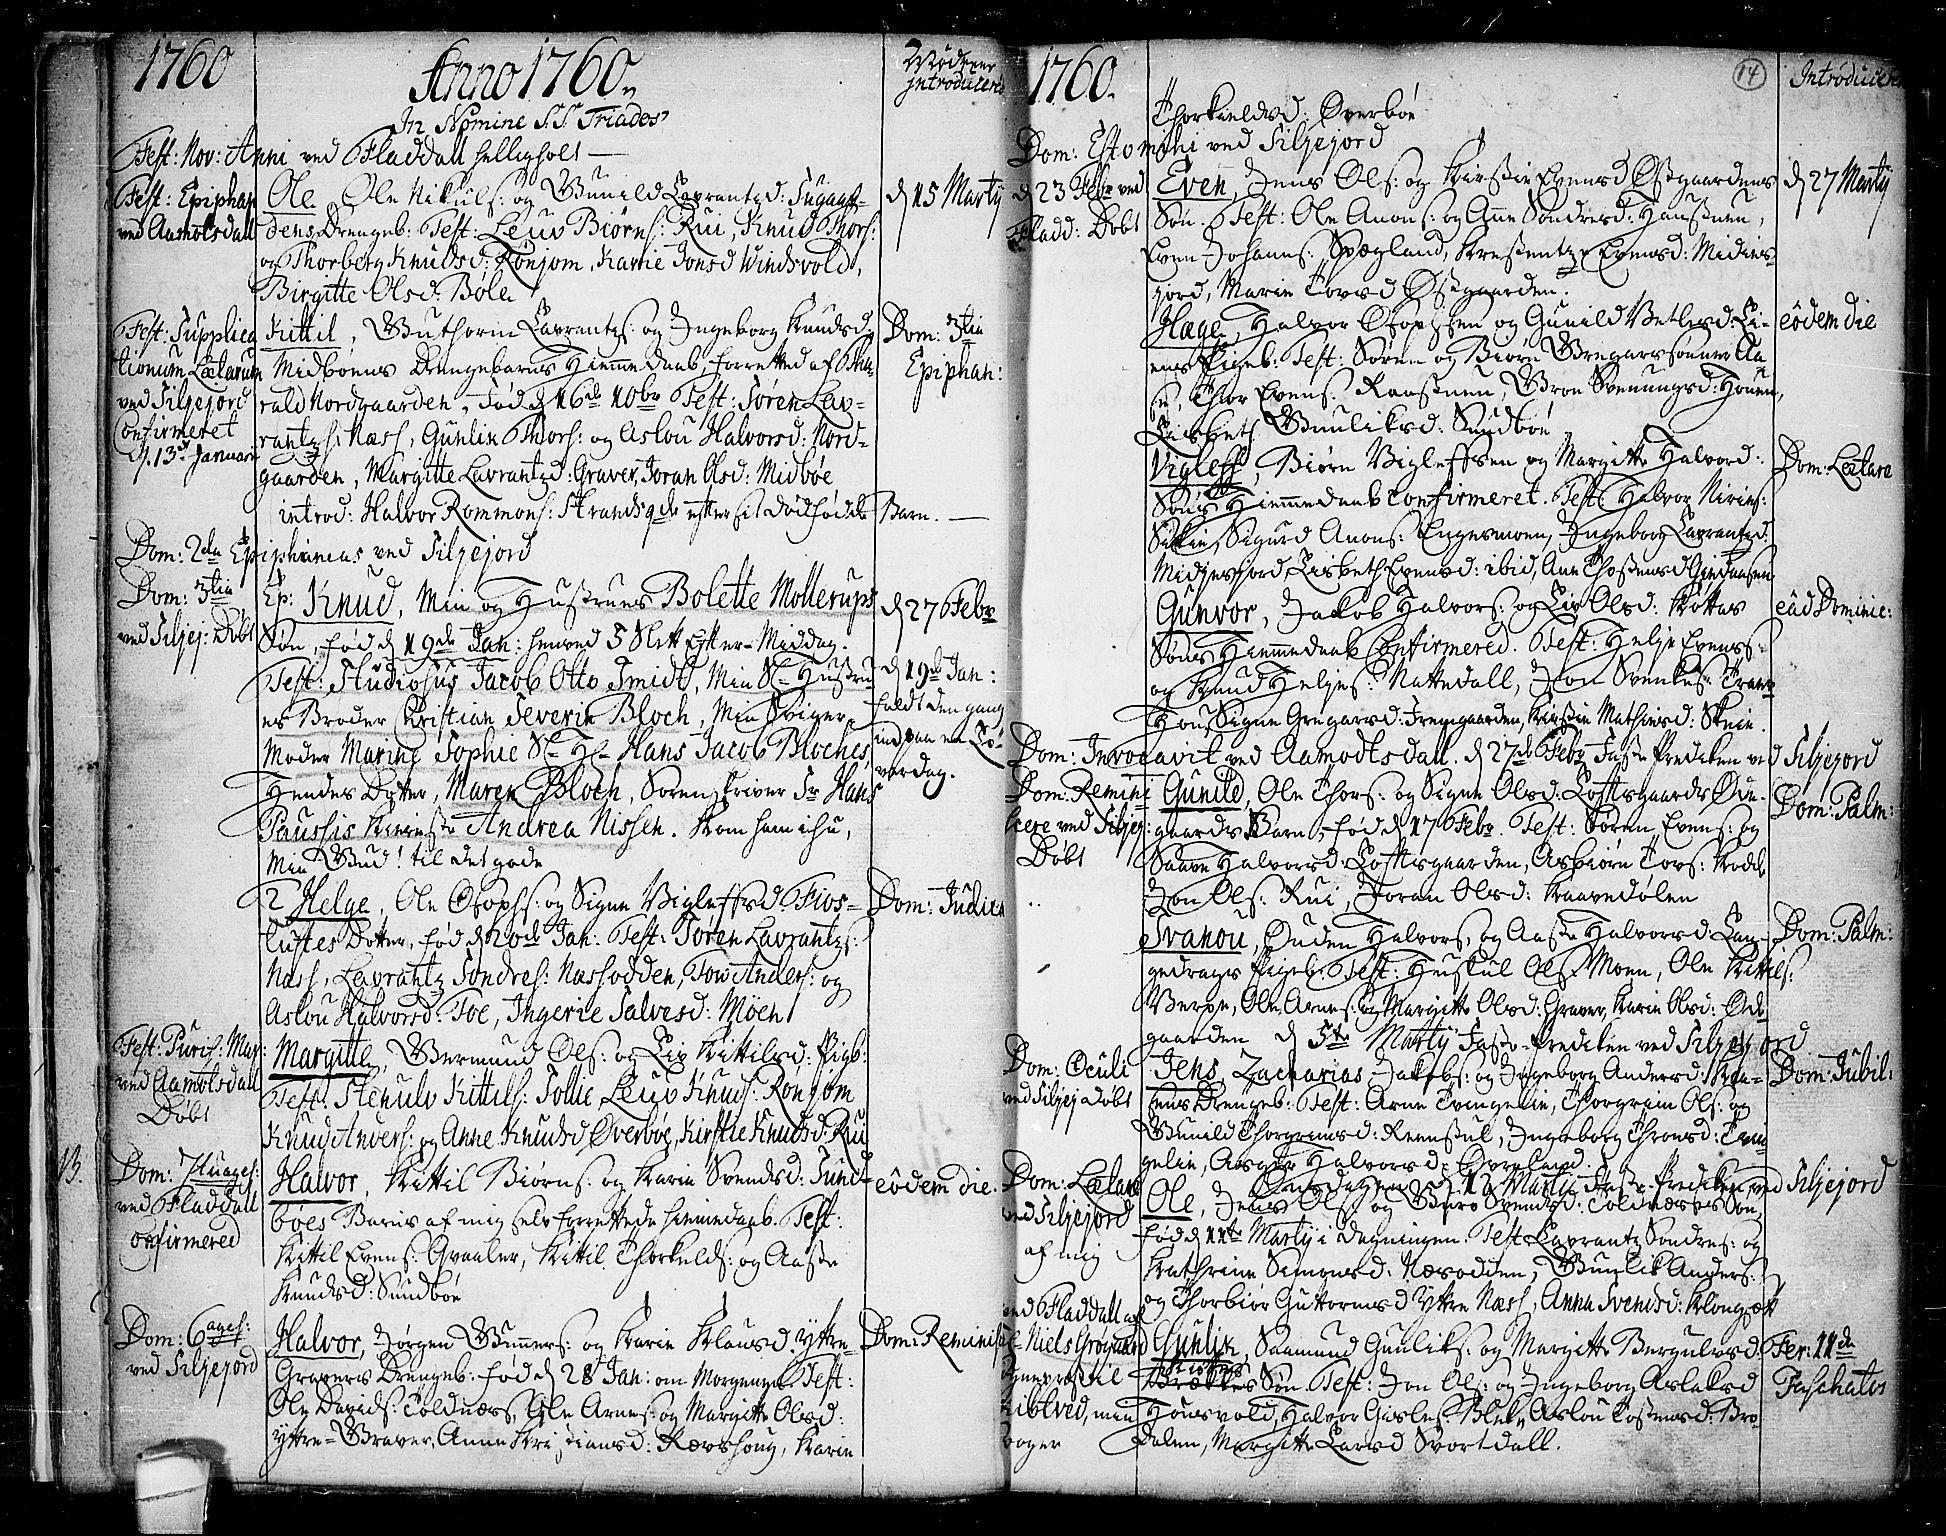 SAKO, Seljord kirkebøker, F/Fa/L0007: Ministerialbok nr. I 7, 1755-1800, s. 14